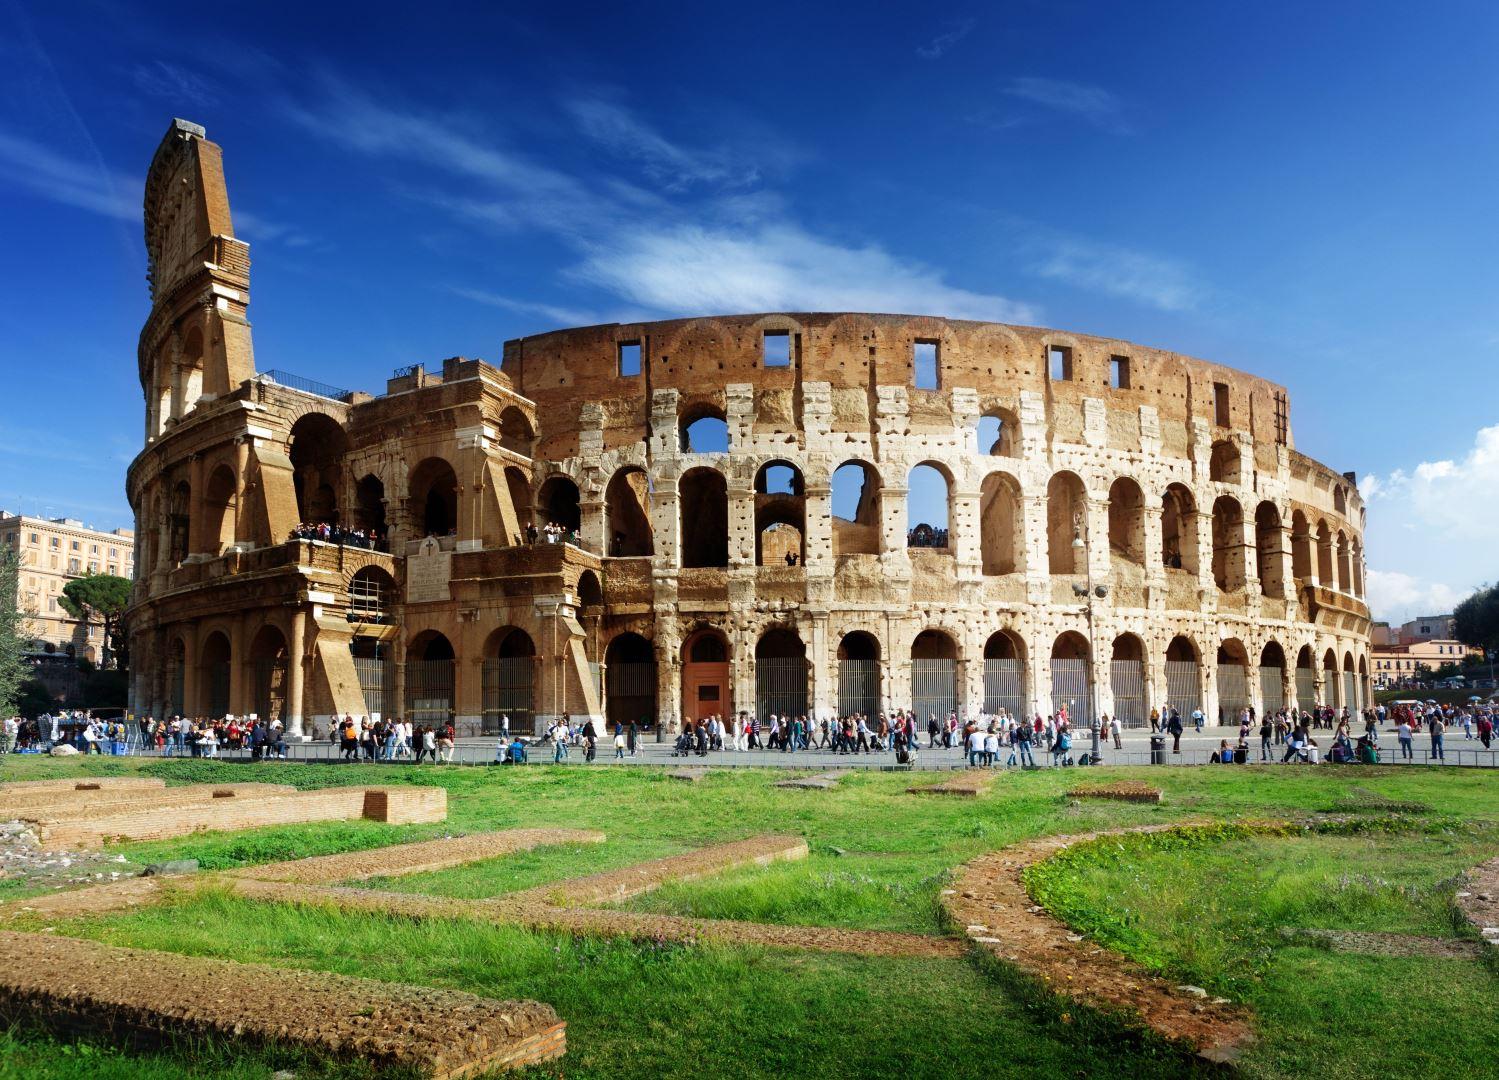 FLASH PROMOSYON ŞEKER BAYRAMI NEO KLASİK İTALYA Venedik (3) - Floransa(1) - Roma (3)  Pegasus Hava Yolları Özel Seferi ile İZMİR Hareket  01 Temmuz 2016 Hareket ... 7 Gece Tour